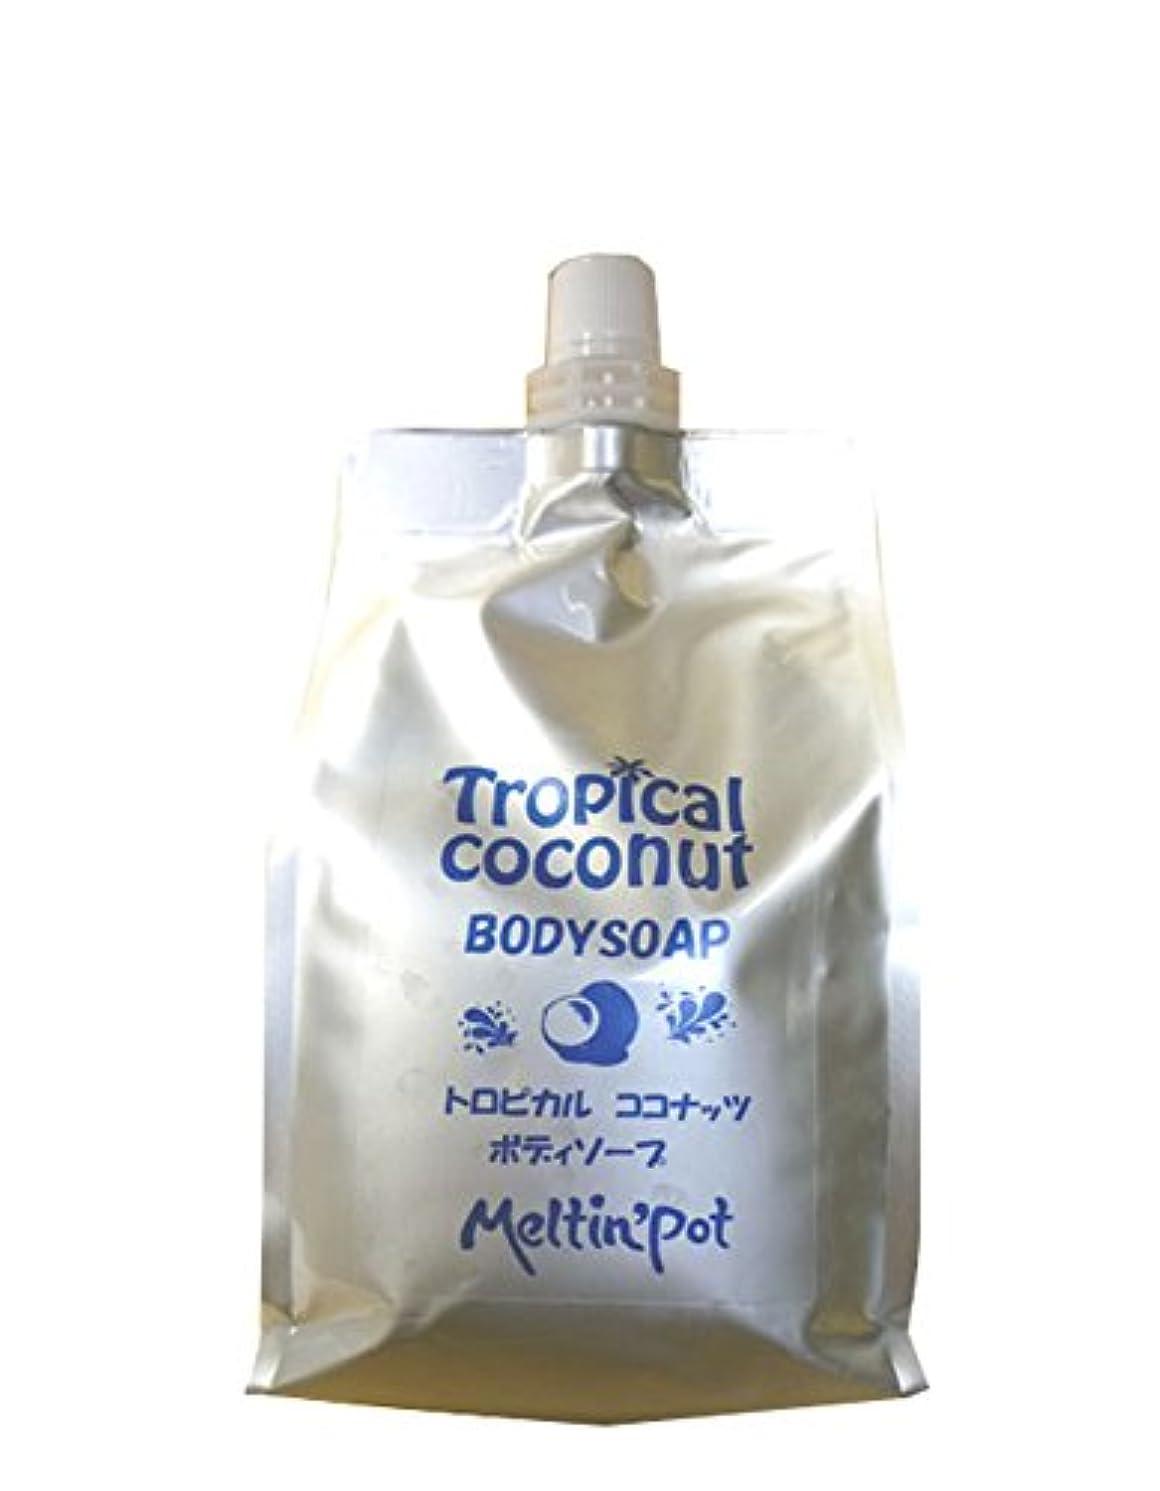 ほめるフルーツ野菜有罪トロピカルココナッツ ボディソープ 1000ml 詰め替え Tropical coconut Body Soap 加齢臭に! [MeltinPot]